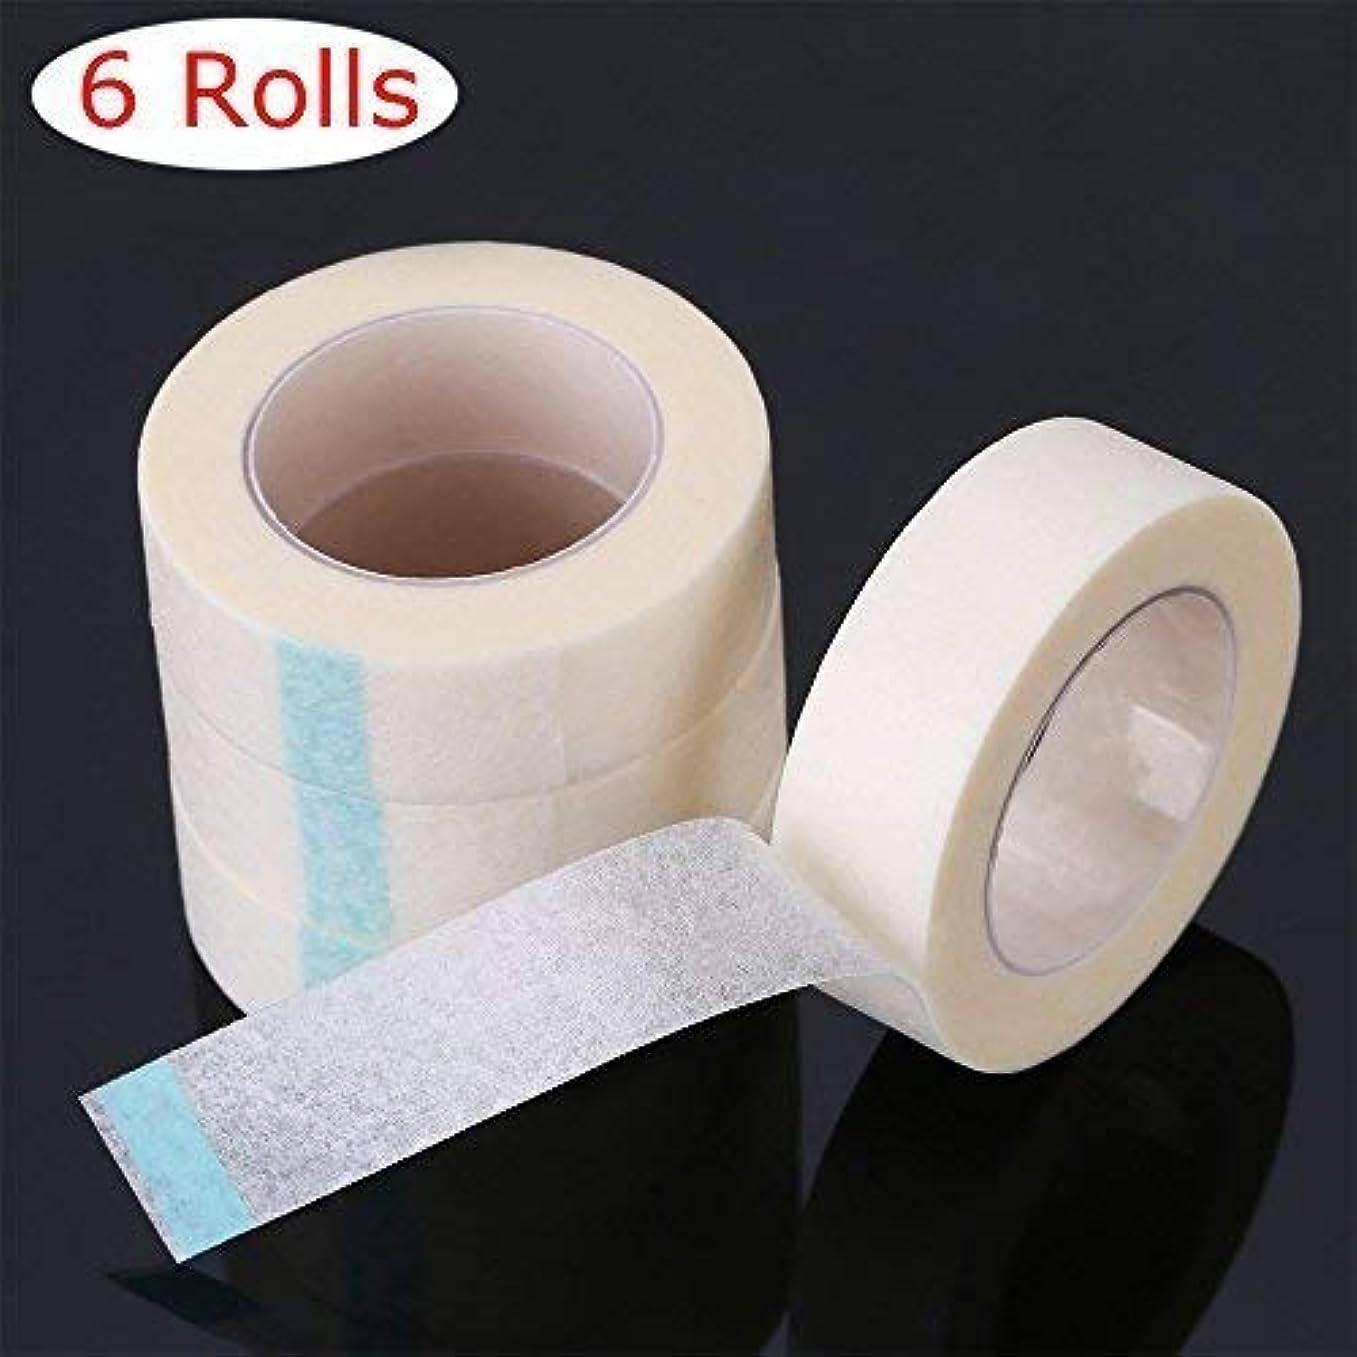 習慣最初に脳ATOMUS 6個 まつげテープ, まつげエクステ 下まつげ 保護テープ, 医療用テープまつげ拡張子, 低刺激 まつげエクステテープ